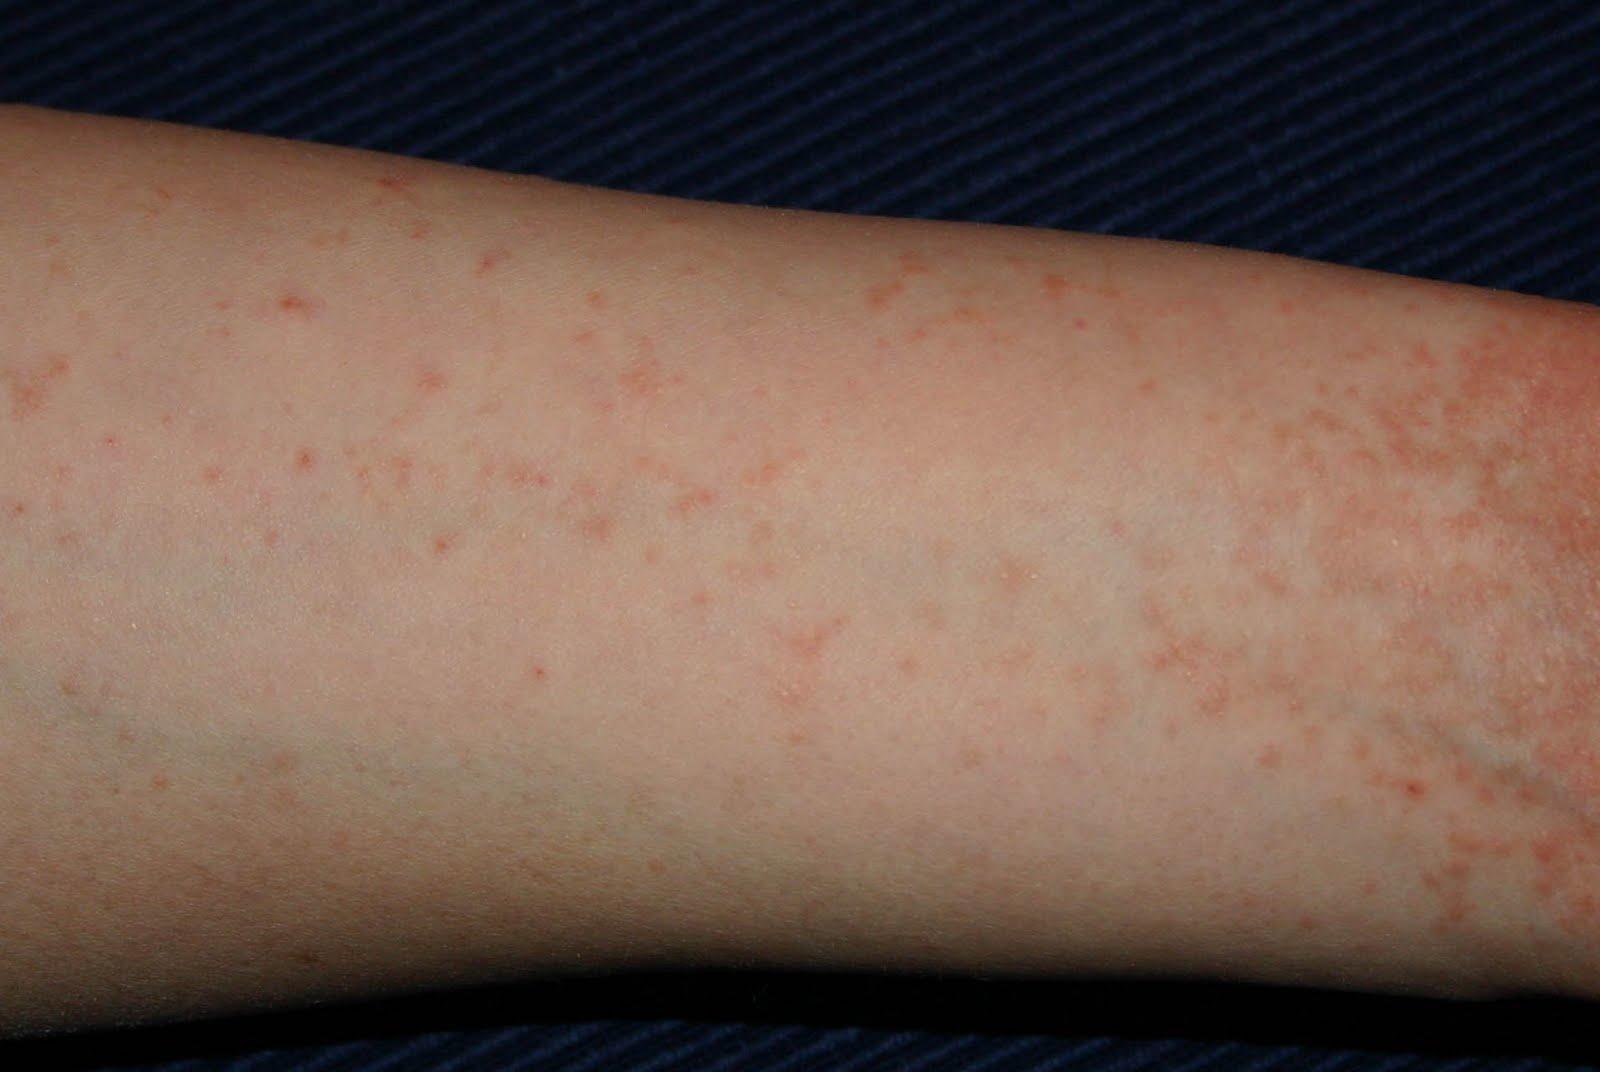 a fürdés után vörös foltok jelentek meg a lábakon